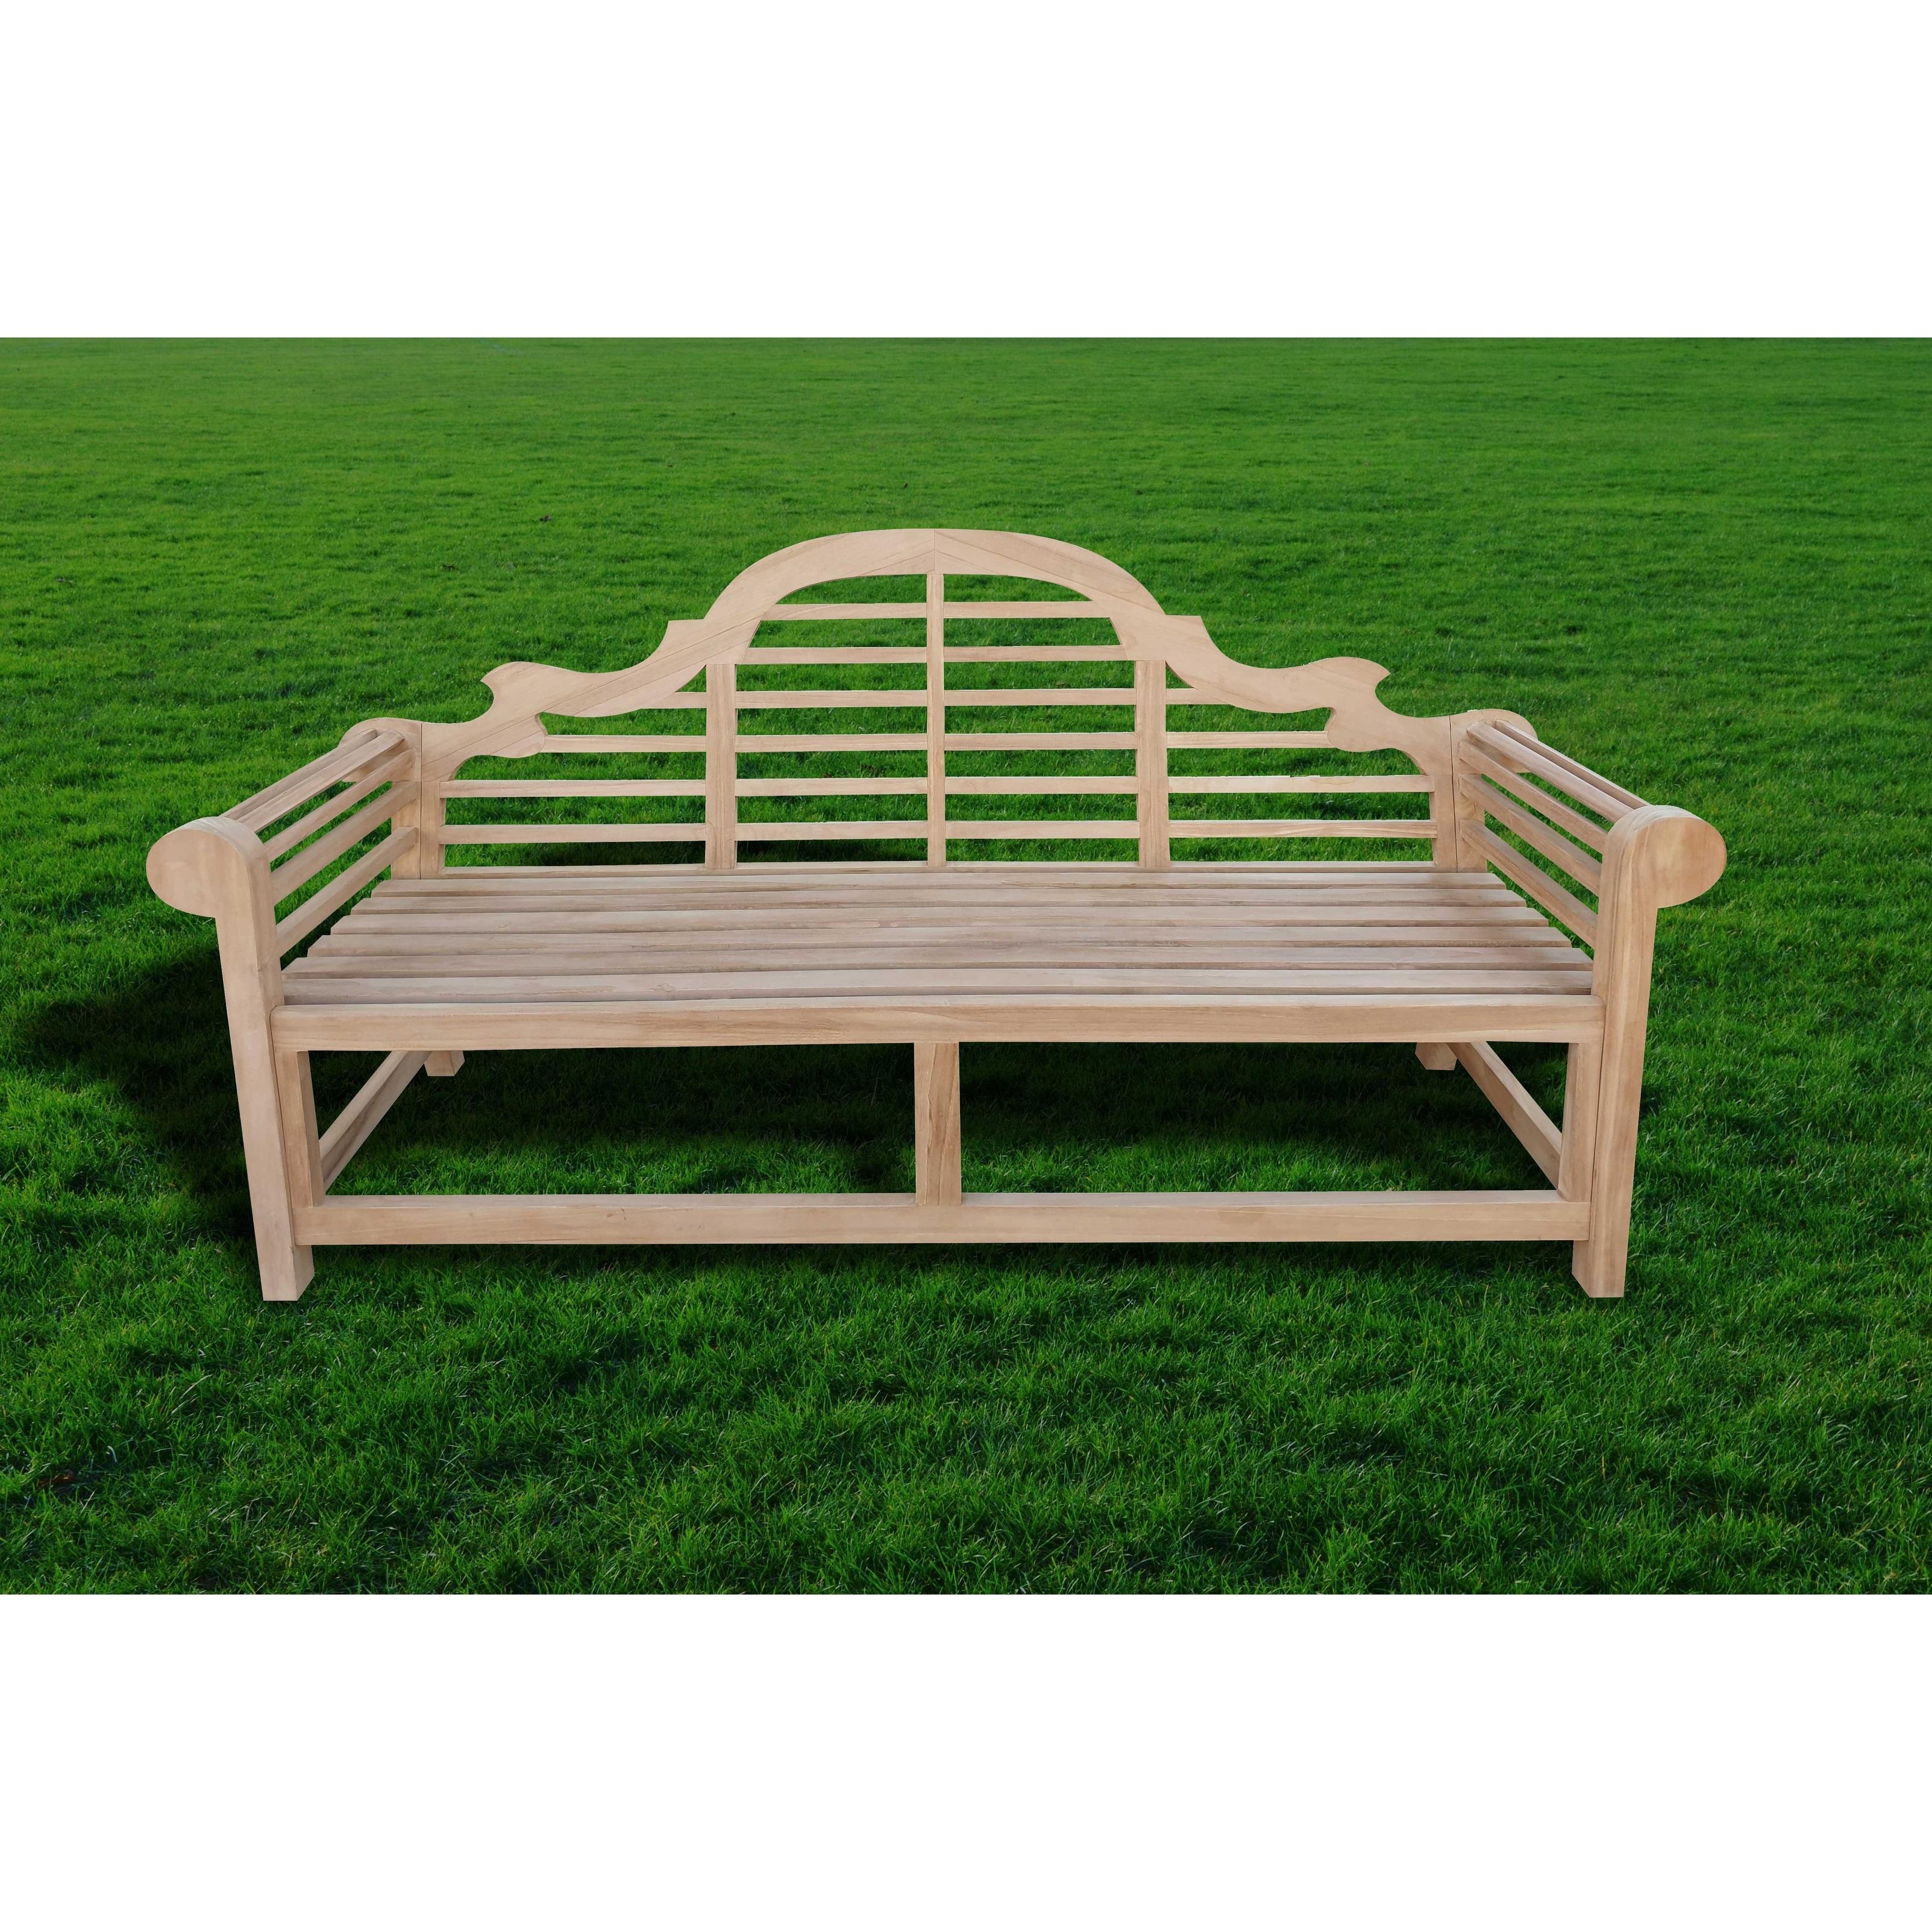 Teak Marlboro Lutyens Bench 3 Seater